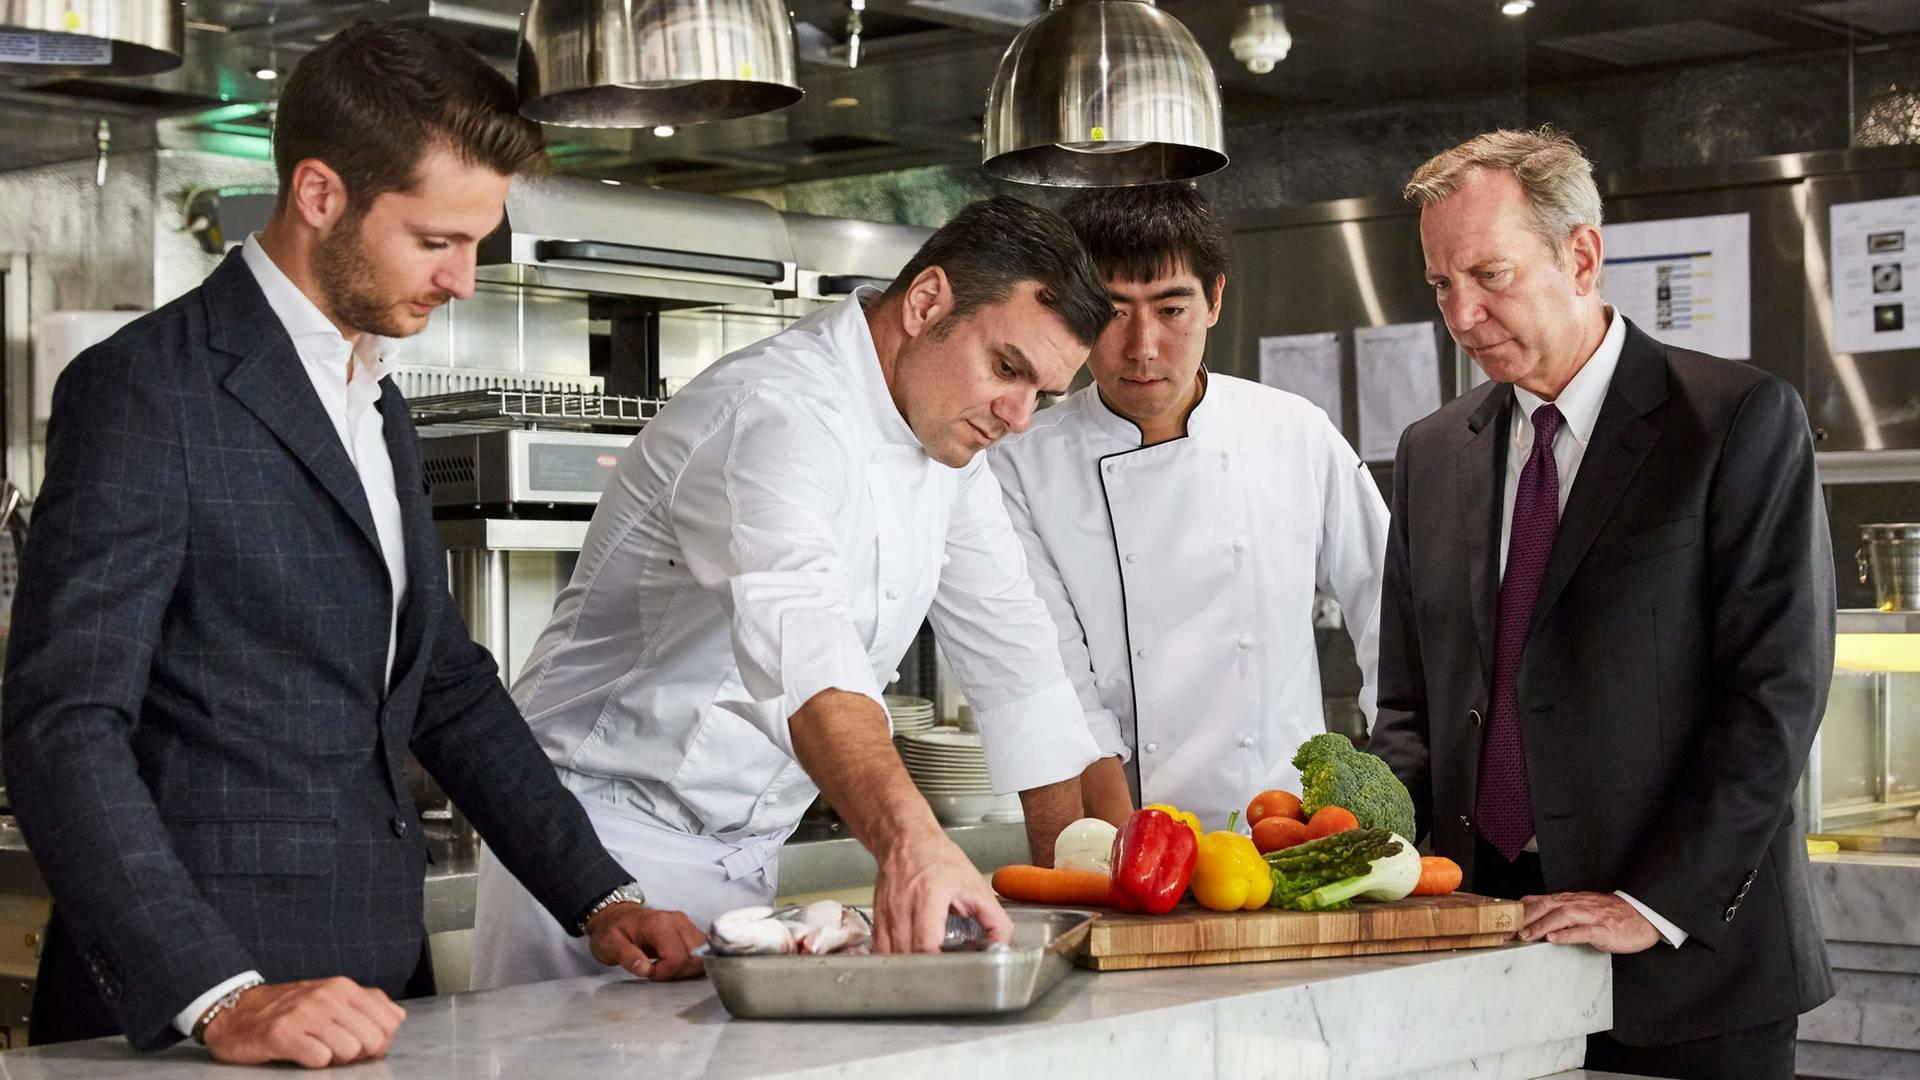 Jumeirah Al Nasemm Michael Ellis and chefs_16-9